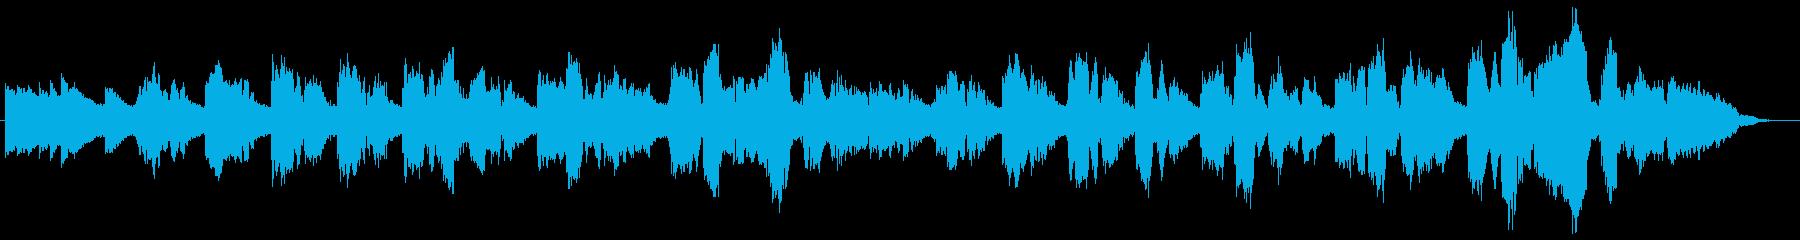 ソプラノコーラスによる清らかな歌声の再生済みの波形